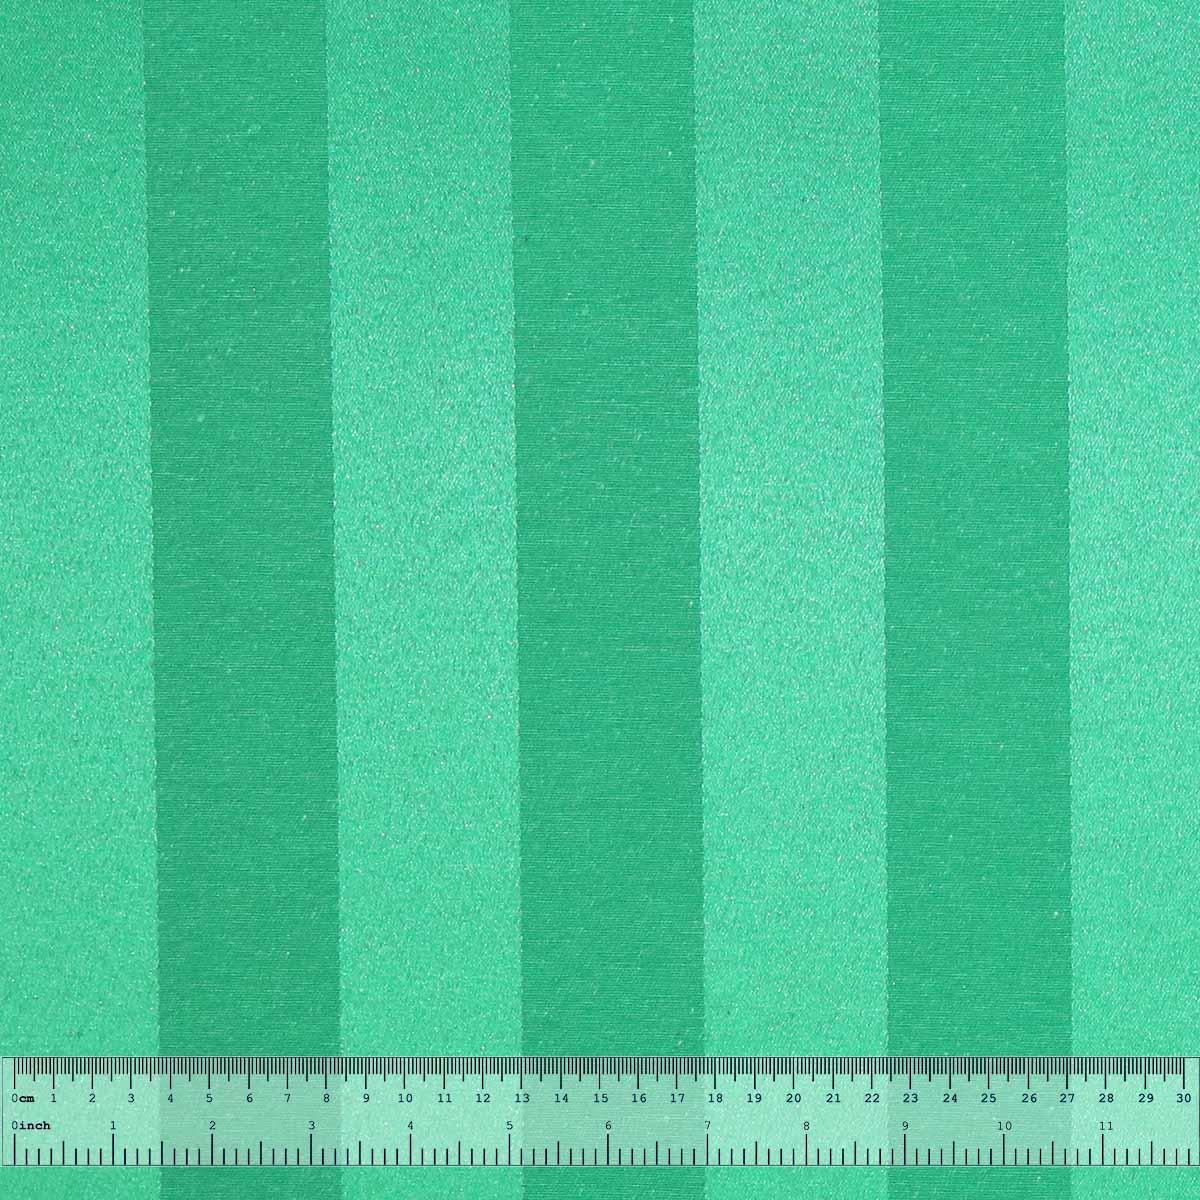 TECIDO JACQUARD 2,80 LARG. - DES. 7740 COR 153 VERDE